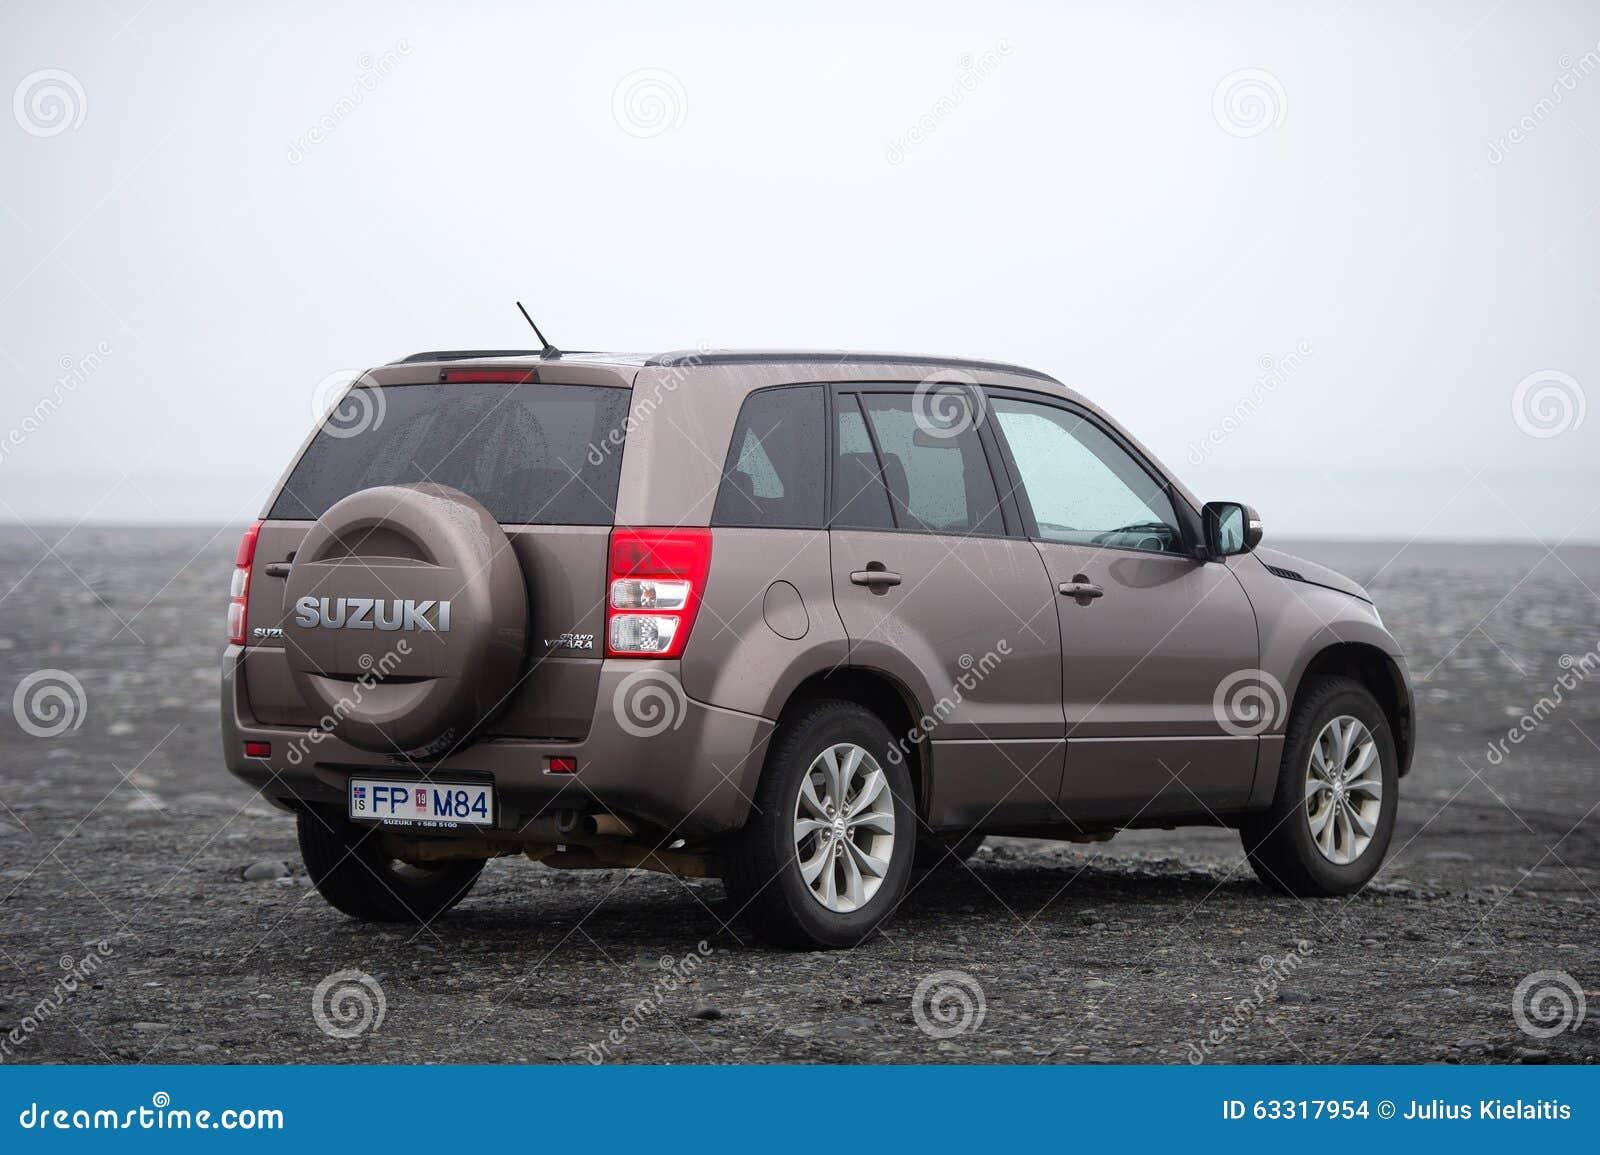 2020 Suzuki Grand Vitara Preview Prices